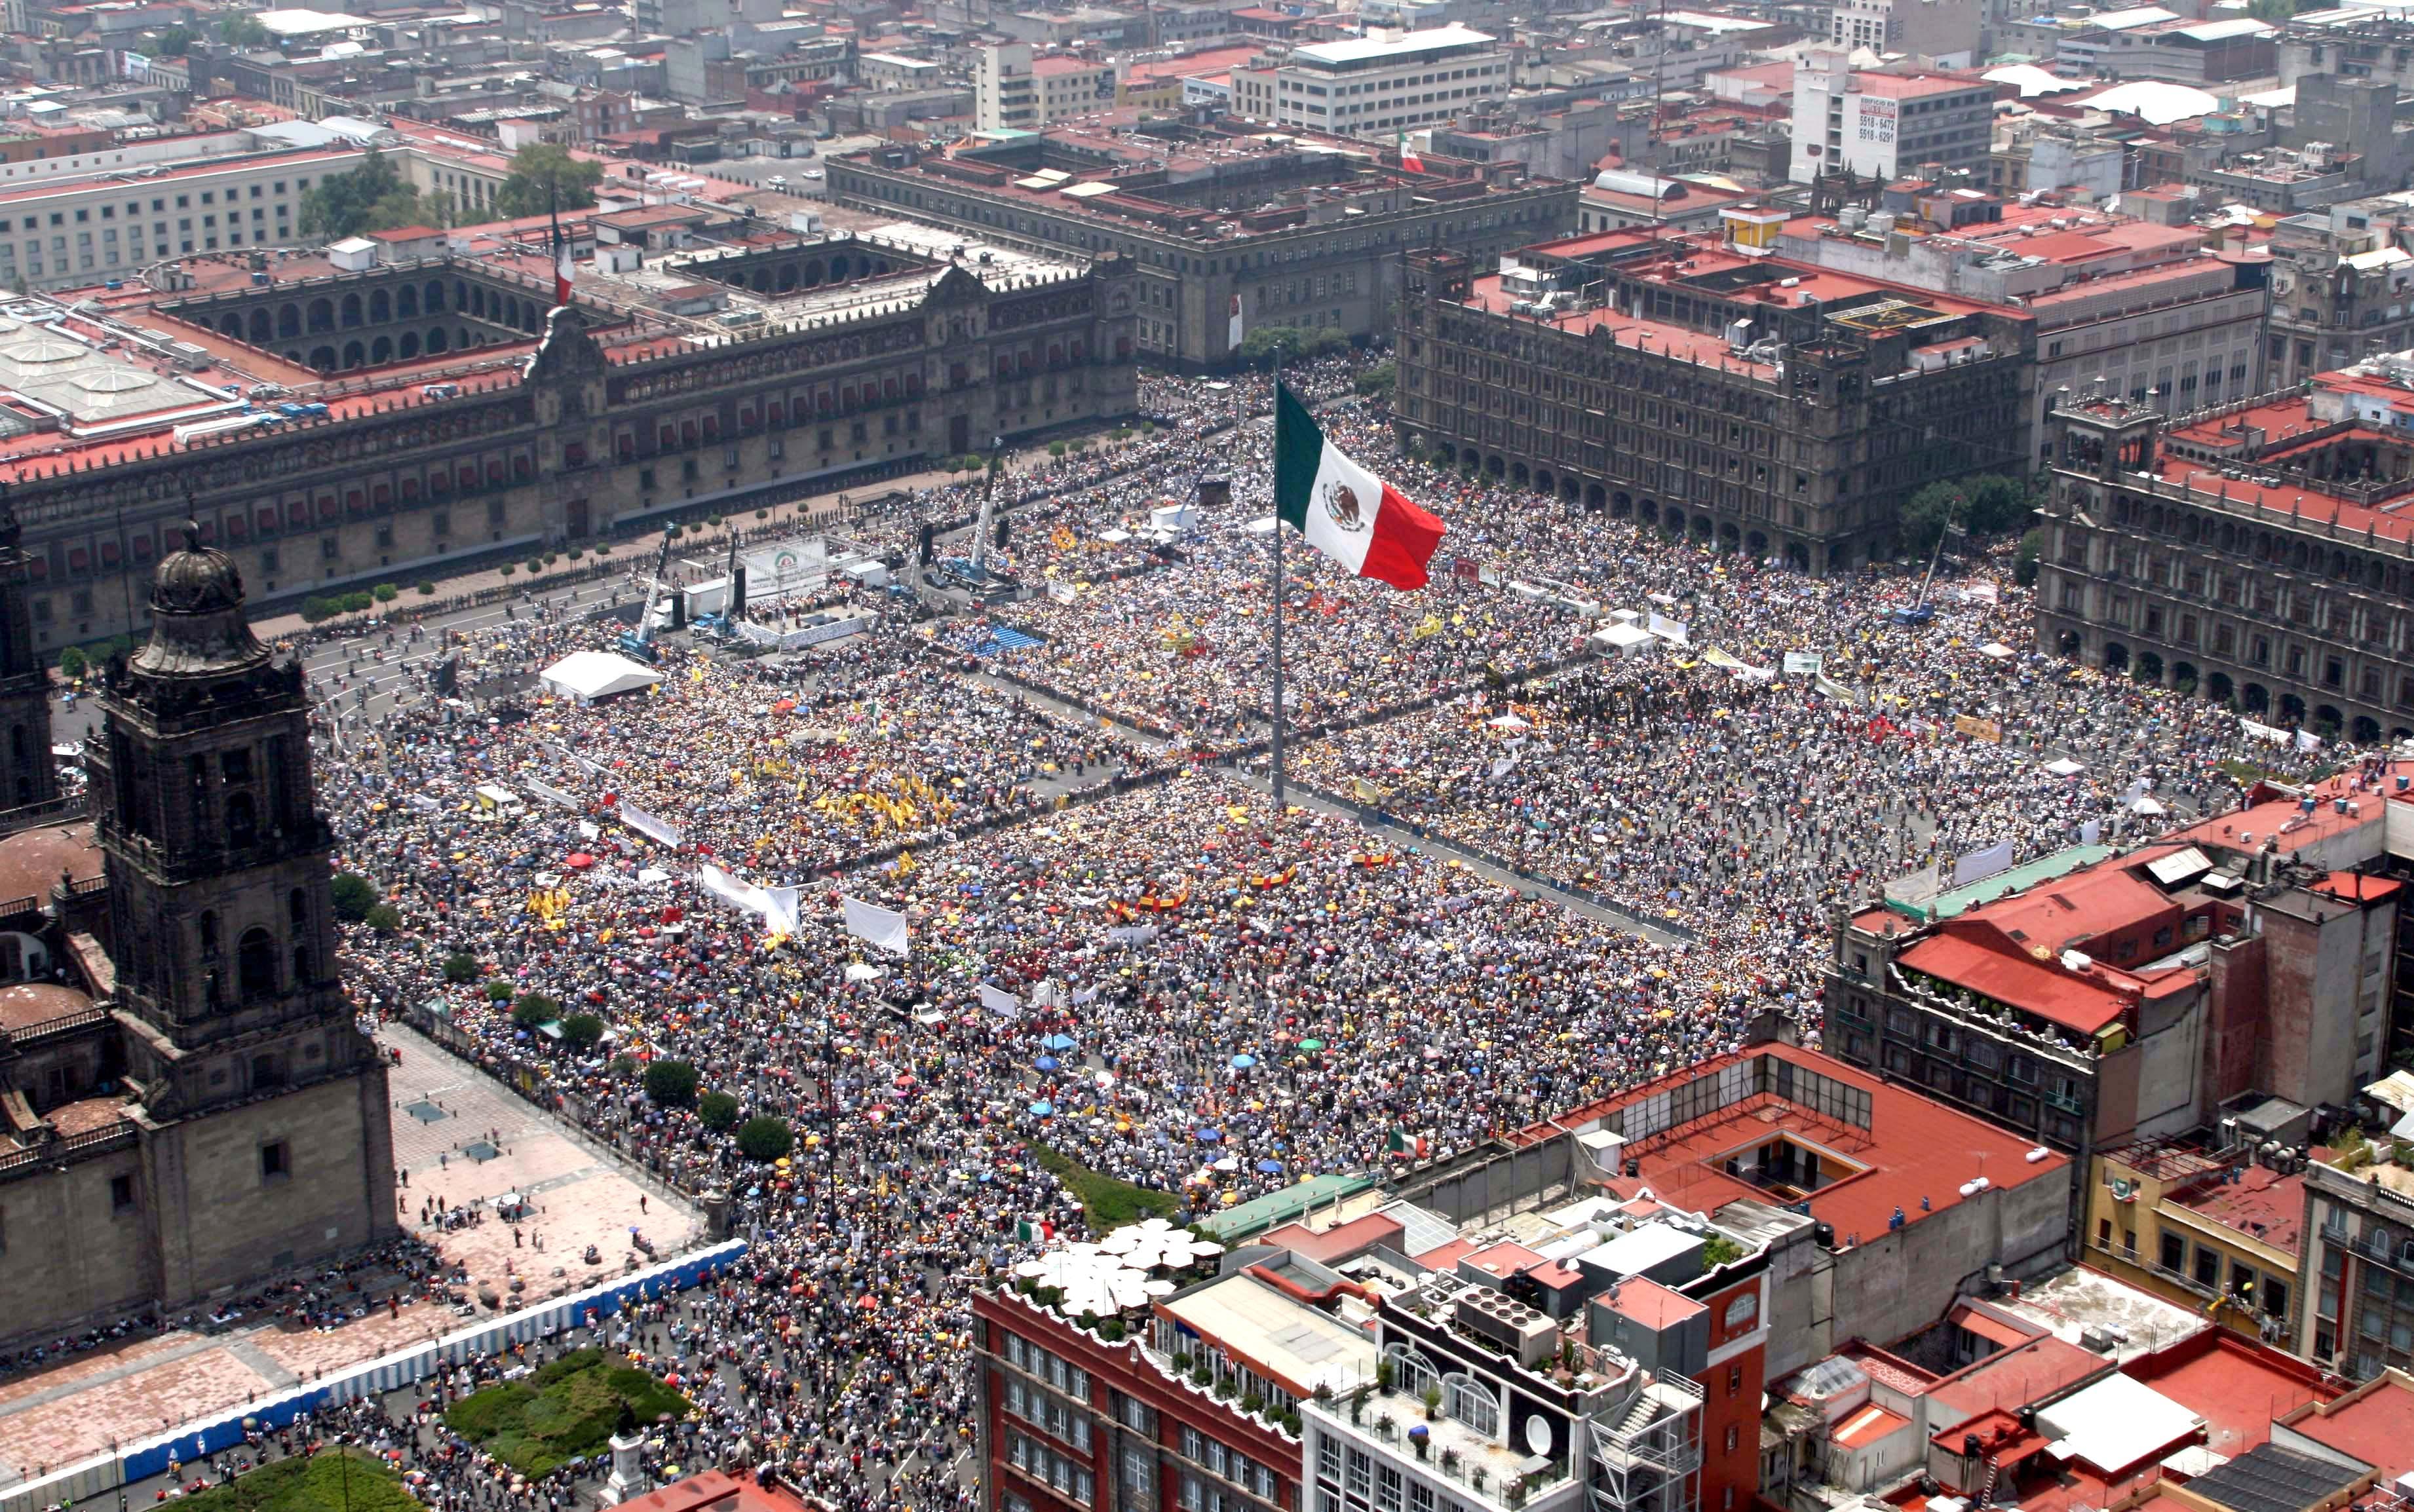 mexico-city-plaza-de-la-constitucion-secret-world